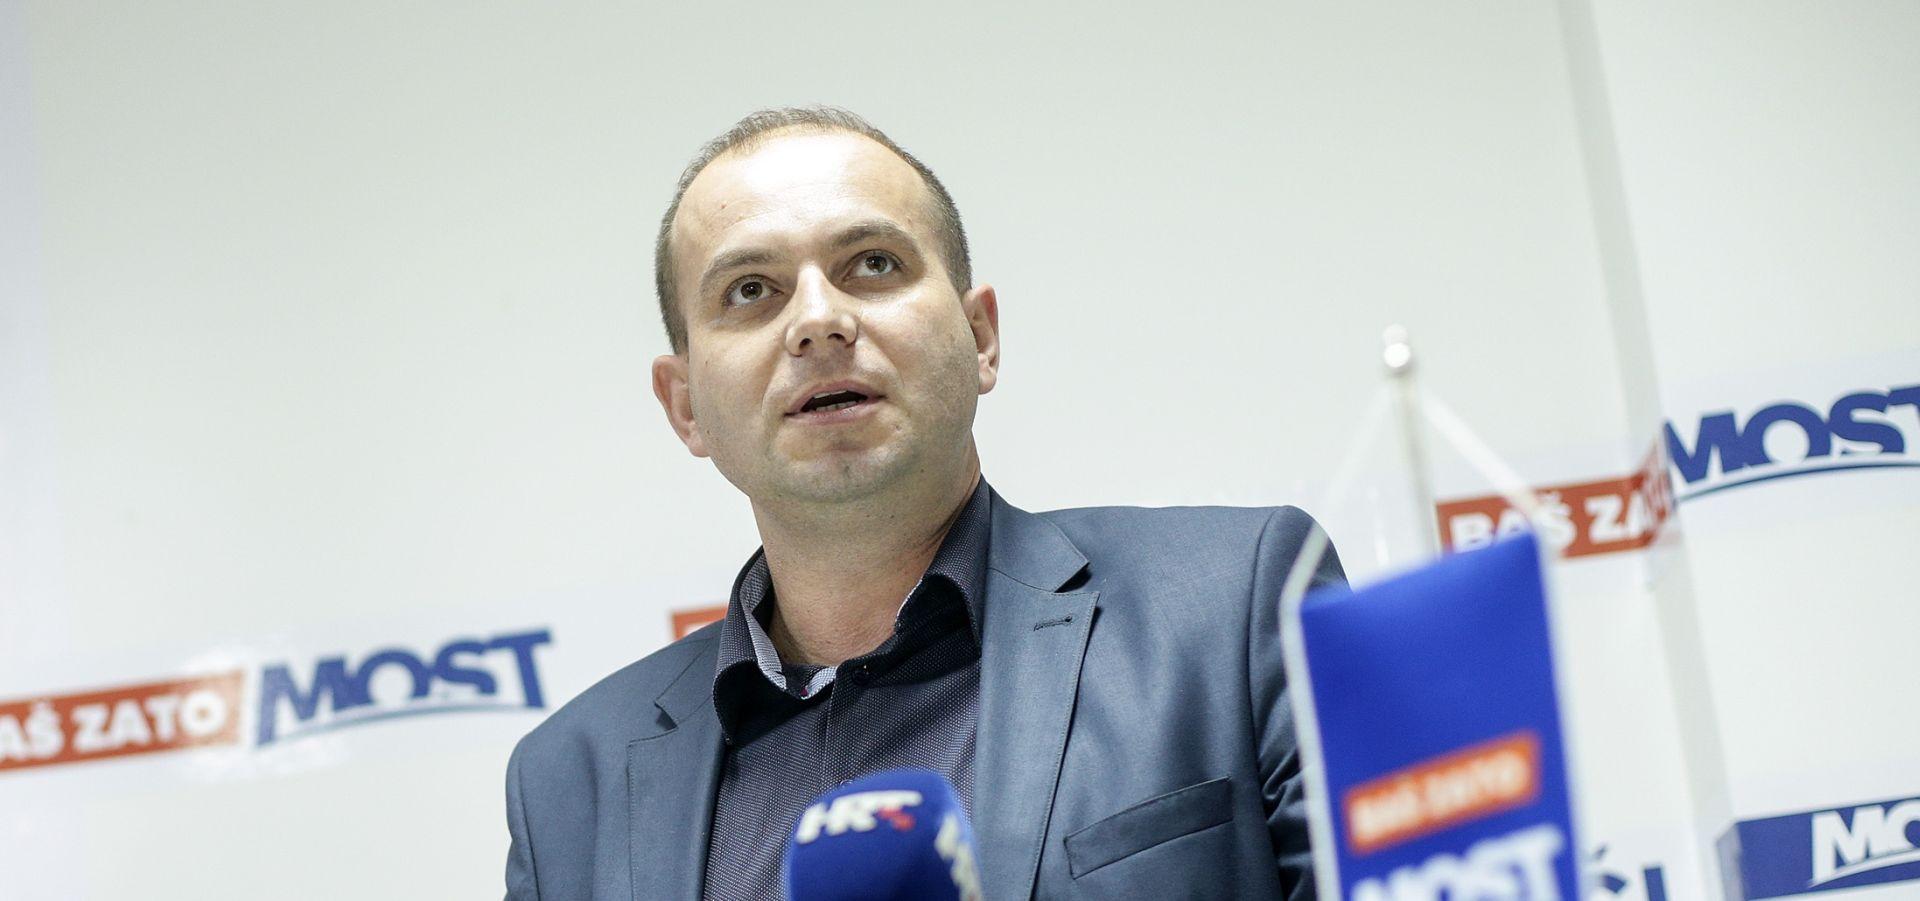 Šimić: Oreškovića je doveo HDZ misleći da se neće snaći u njegovim političkim igrama